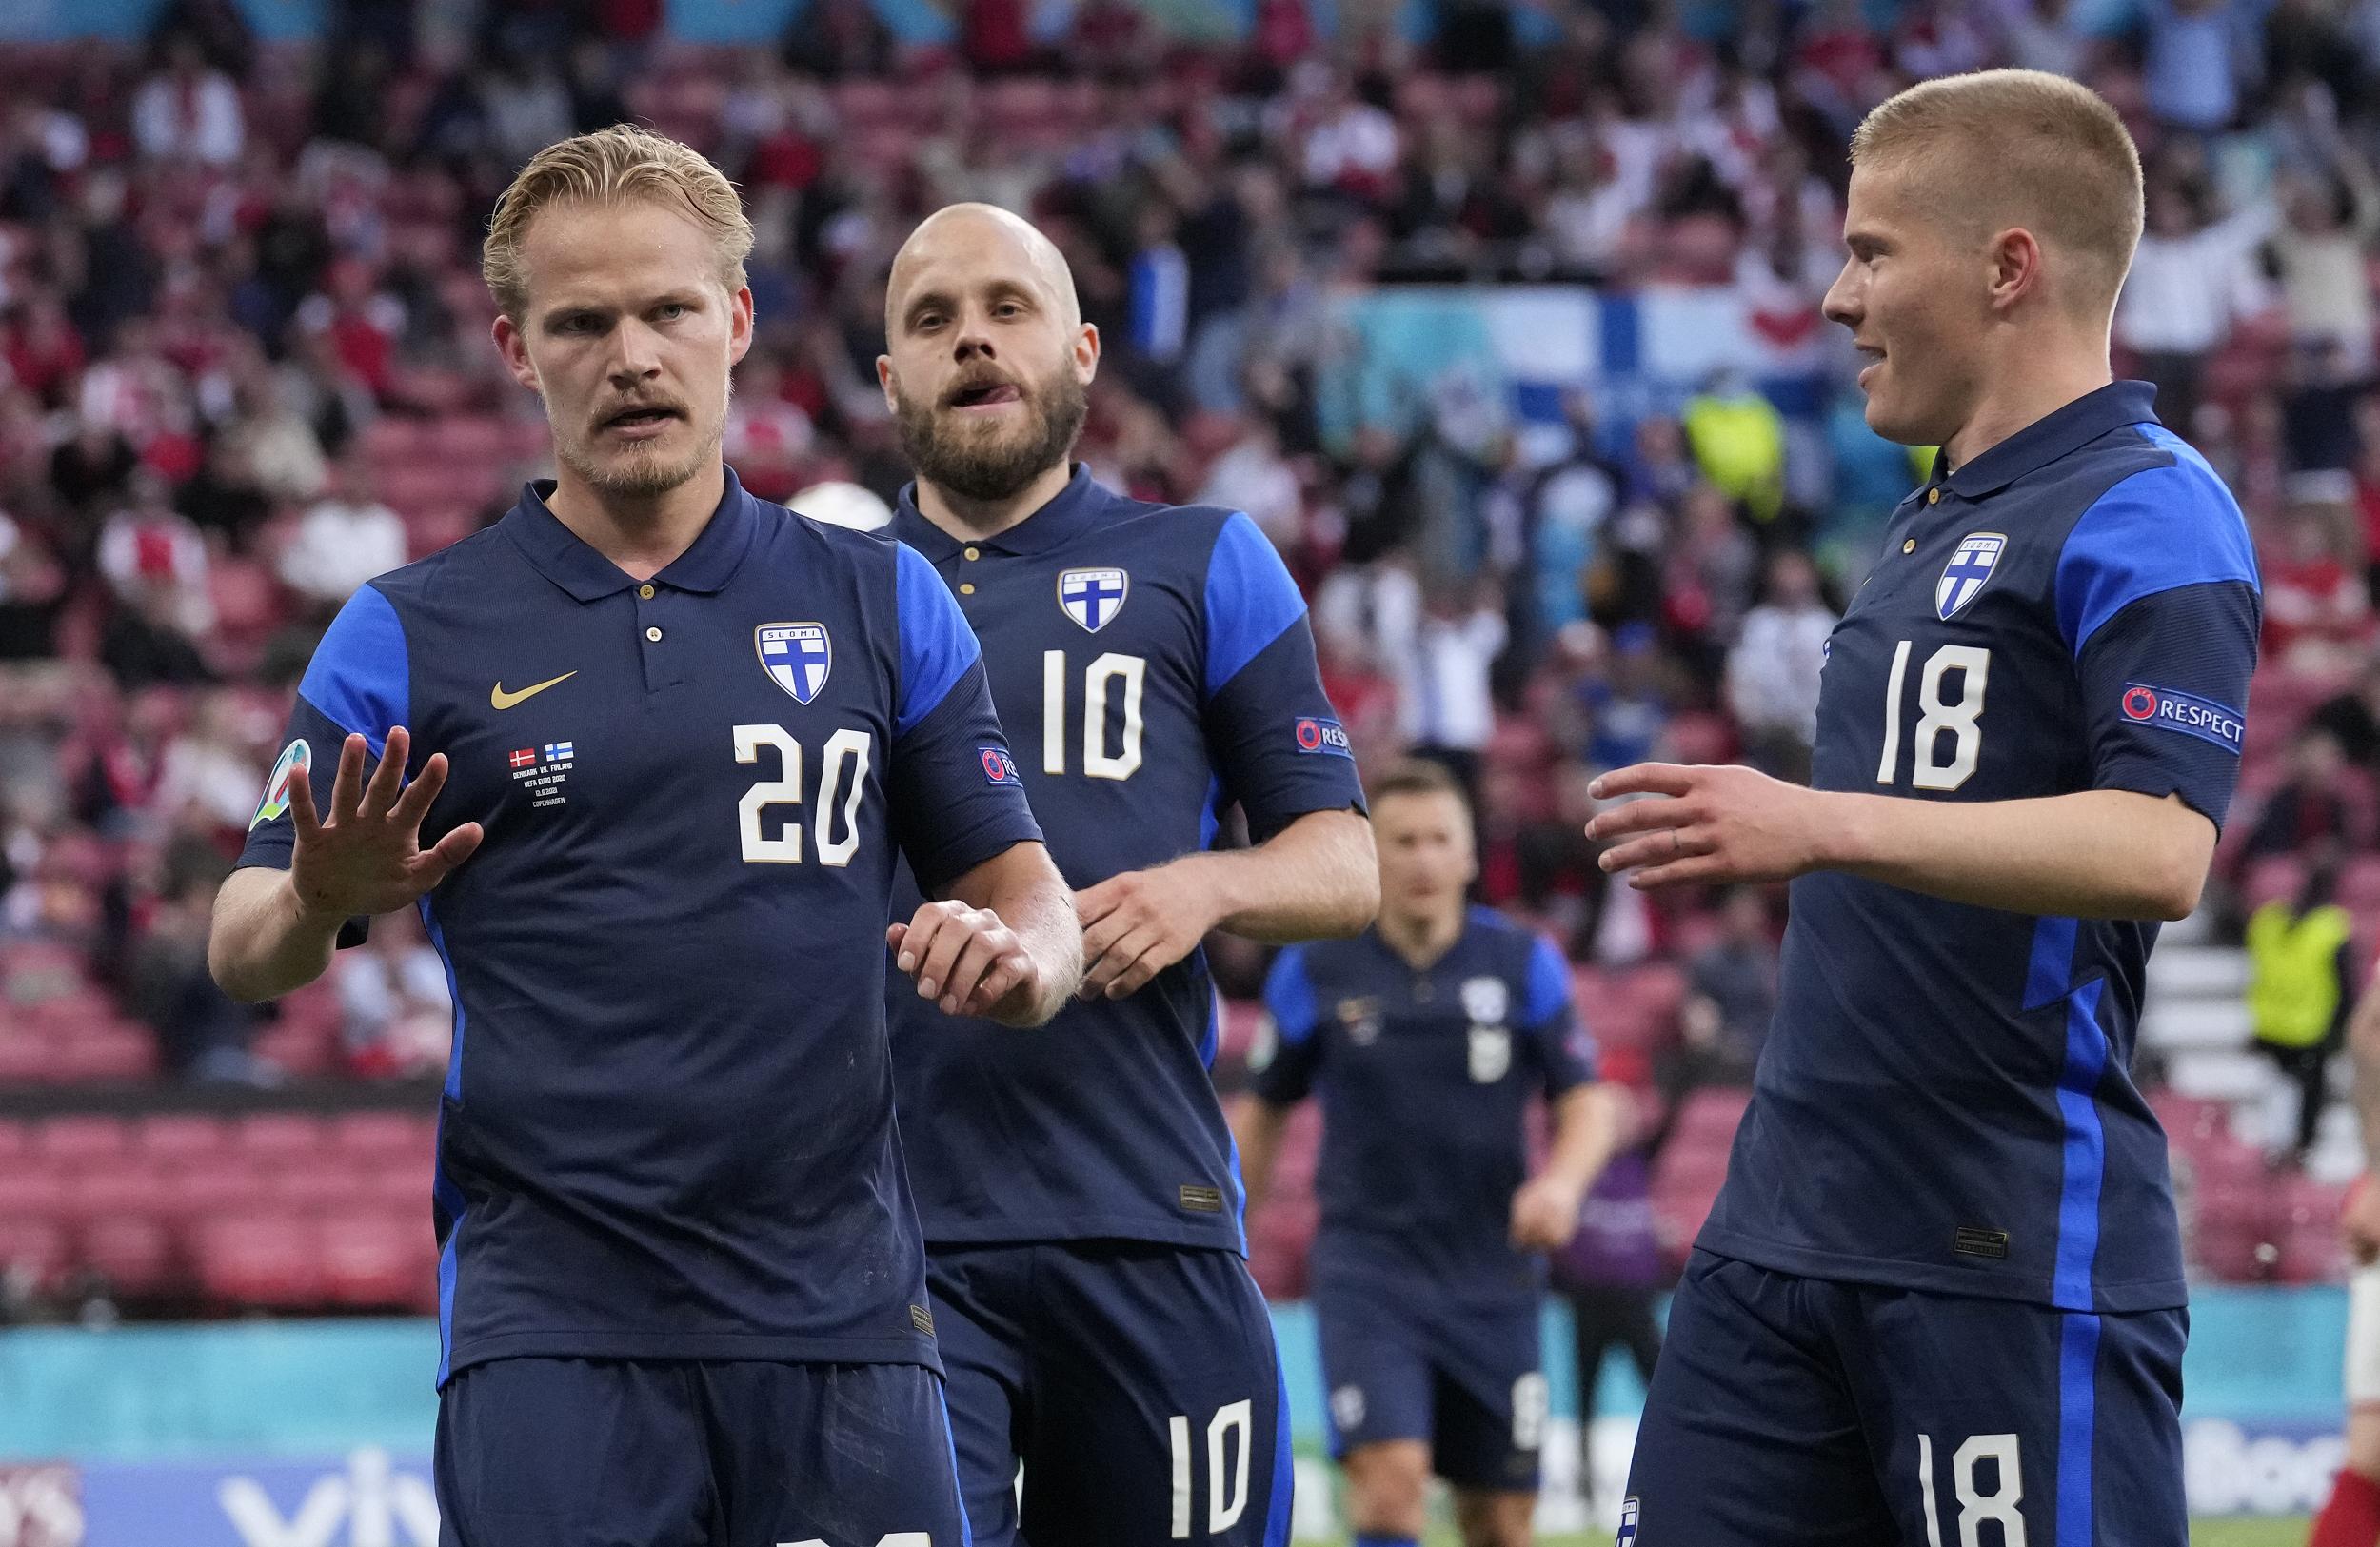 芬兰队在庆祝进球时很克制。